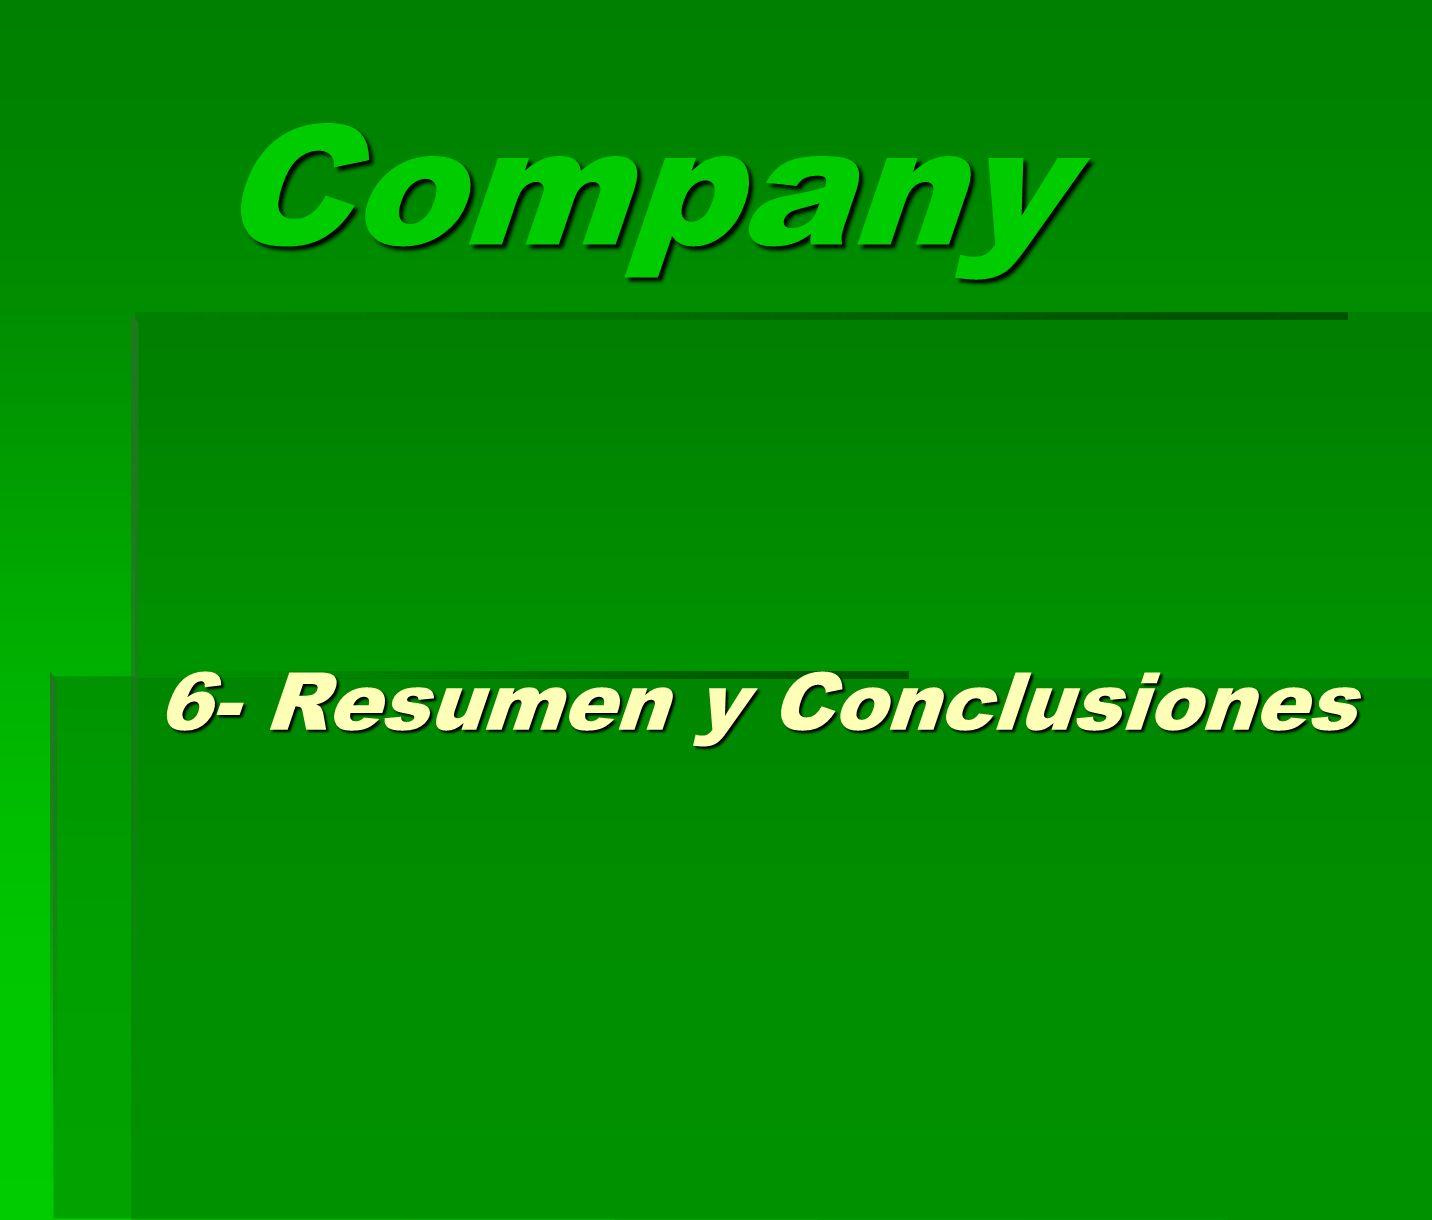 6- Resumen y Conclusiones